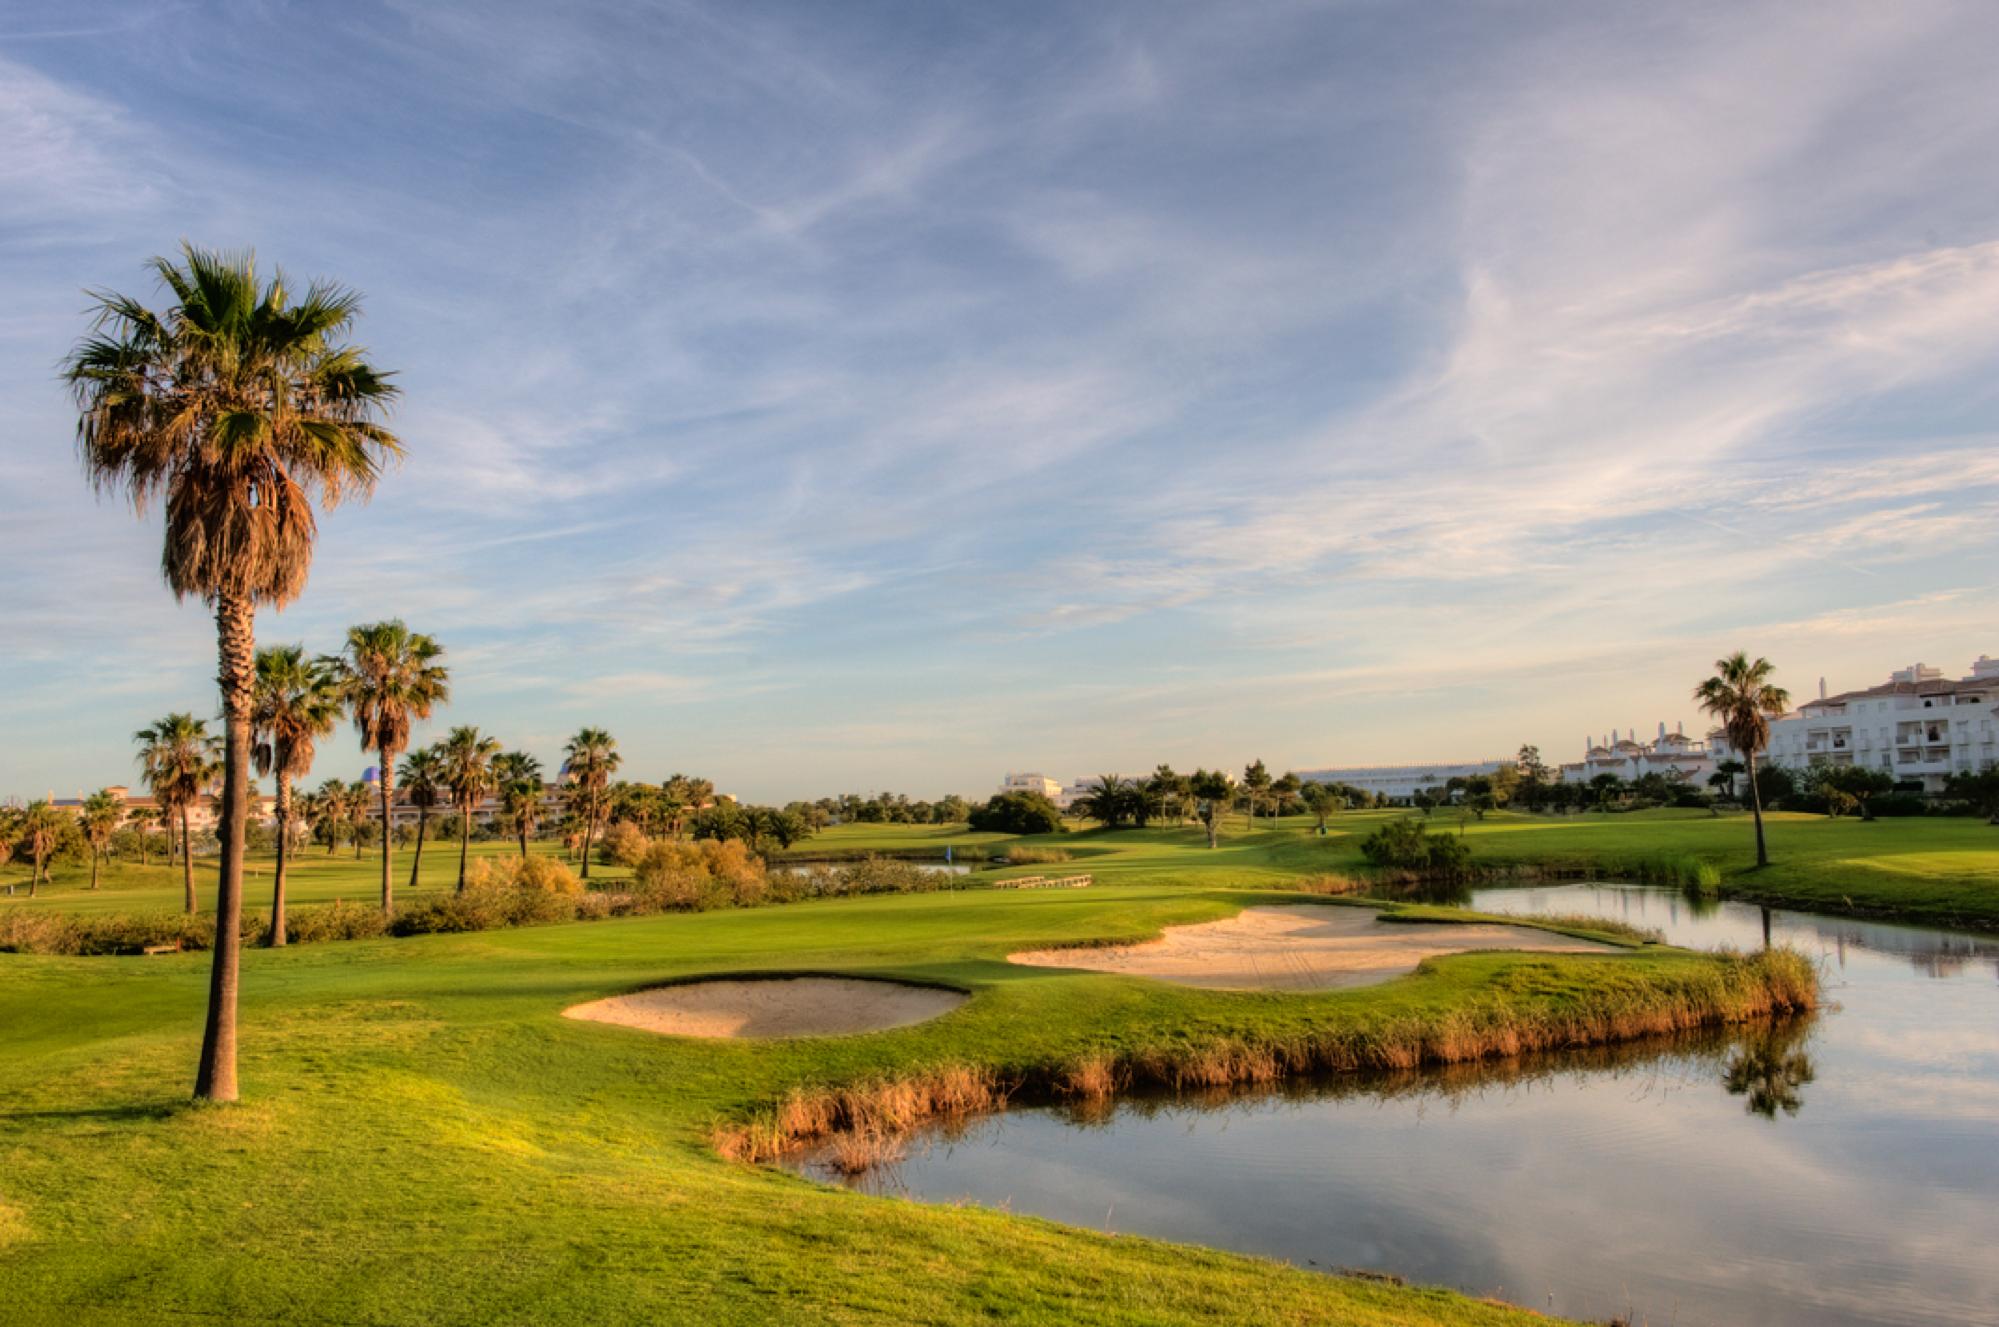 Costa Ballena Ocean to przepiękne pole zaprojektowane przez José María Olazábala. Usytuowane jest na słonecznym południowym wybrzeżu Atlantyku. Pole ma bardzo intrygujący układ i 27 mistrzowskich dołków z pofalowanymi fairwayami, okazałymi palmami, licznymi jeziorami i bunkrami. Testuje golfistów o różnych handicapach, gwarantując, że gra na nim zapadnie na bardzo długo w pamięci.